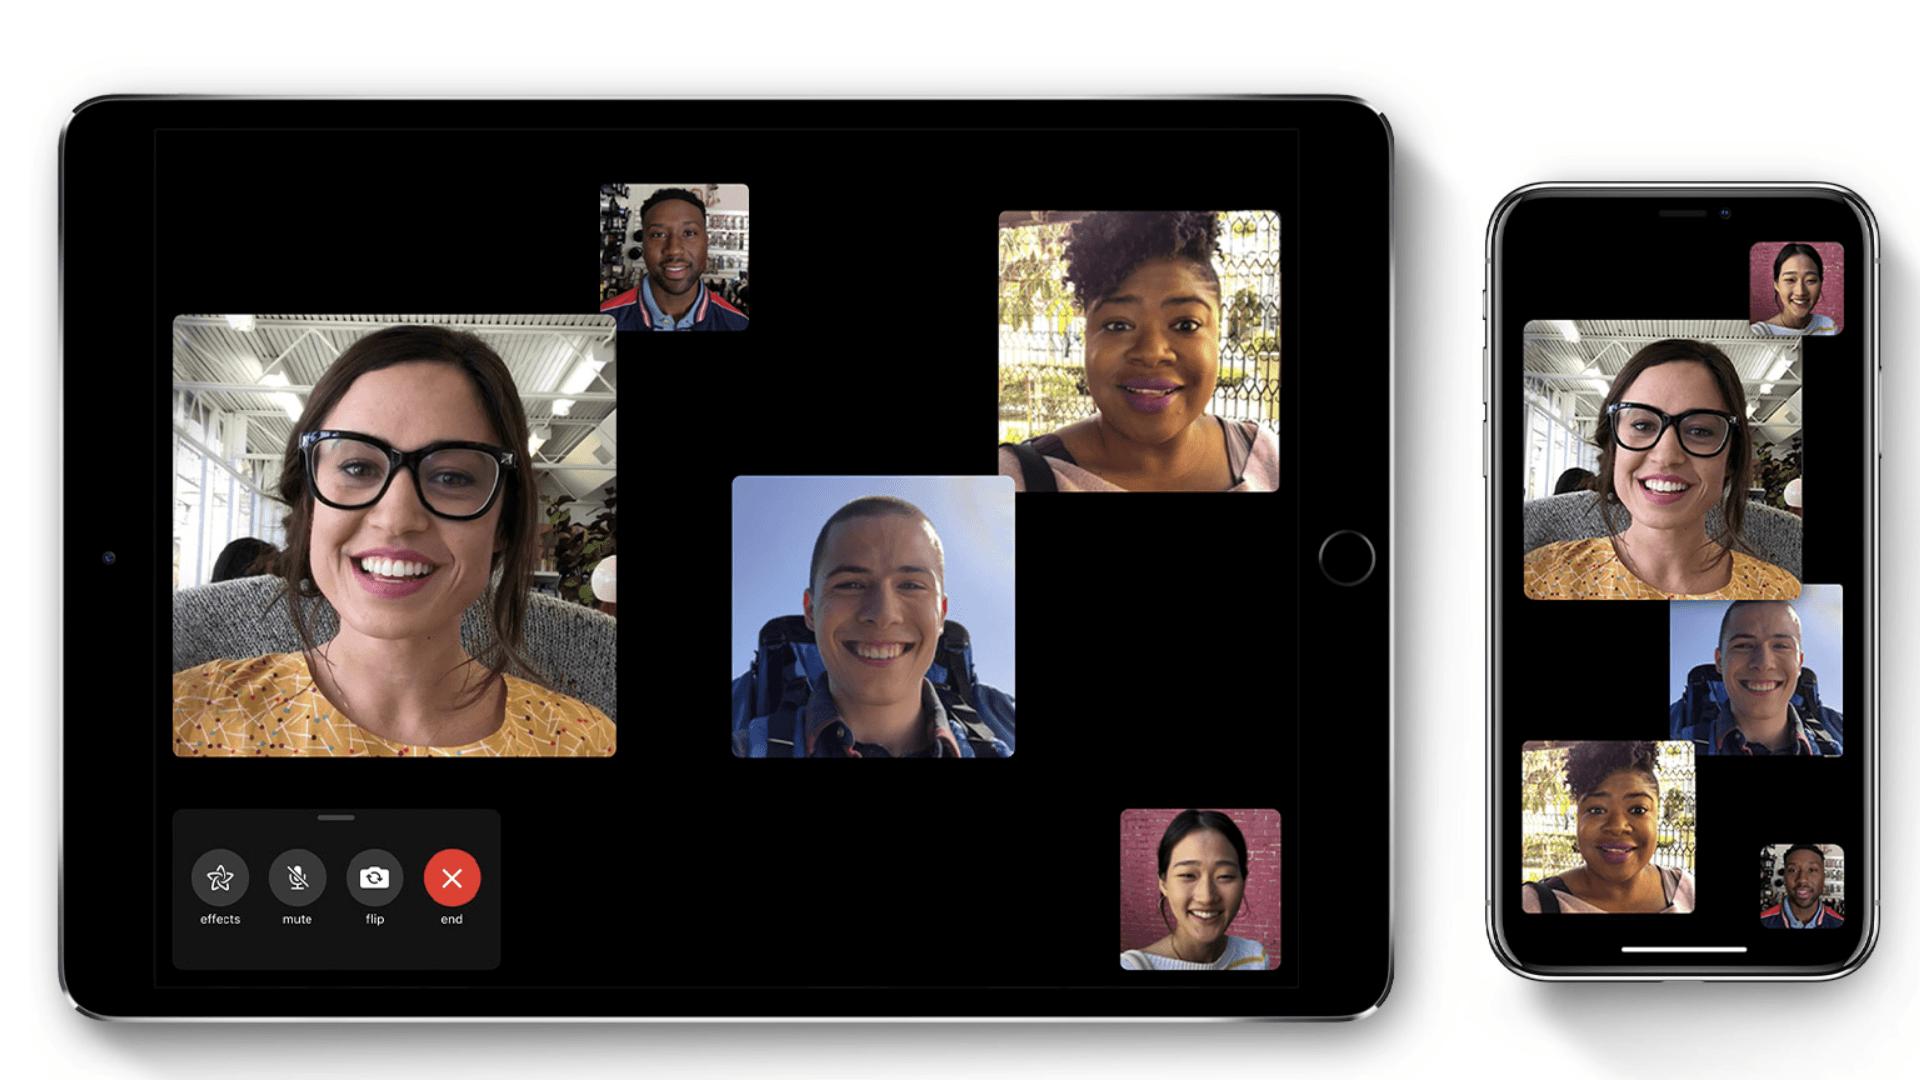 كيف يمكنك إيقاف تحريك الوجوه في مكالمات FaceTime الجماعية؟